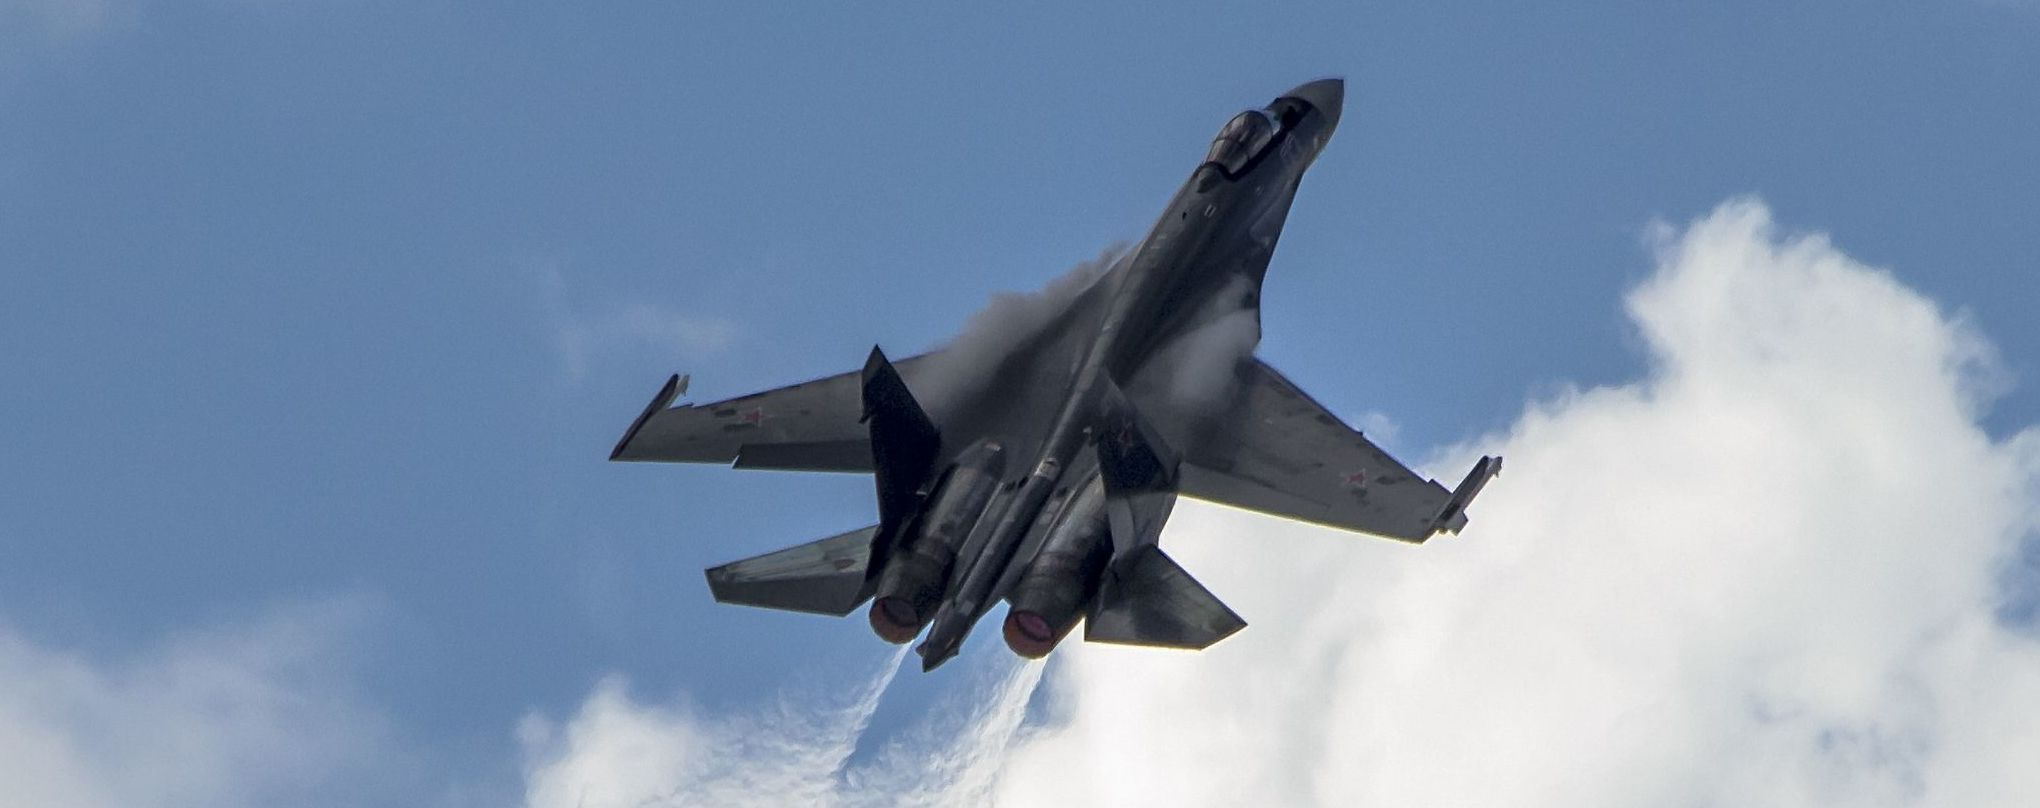 Россия задействовала более полсотни истребителей и бомбардировщиков в учениях над Черным морем